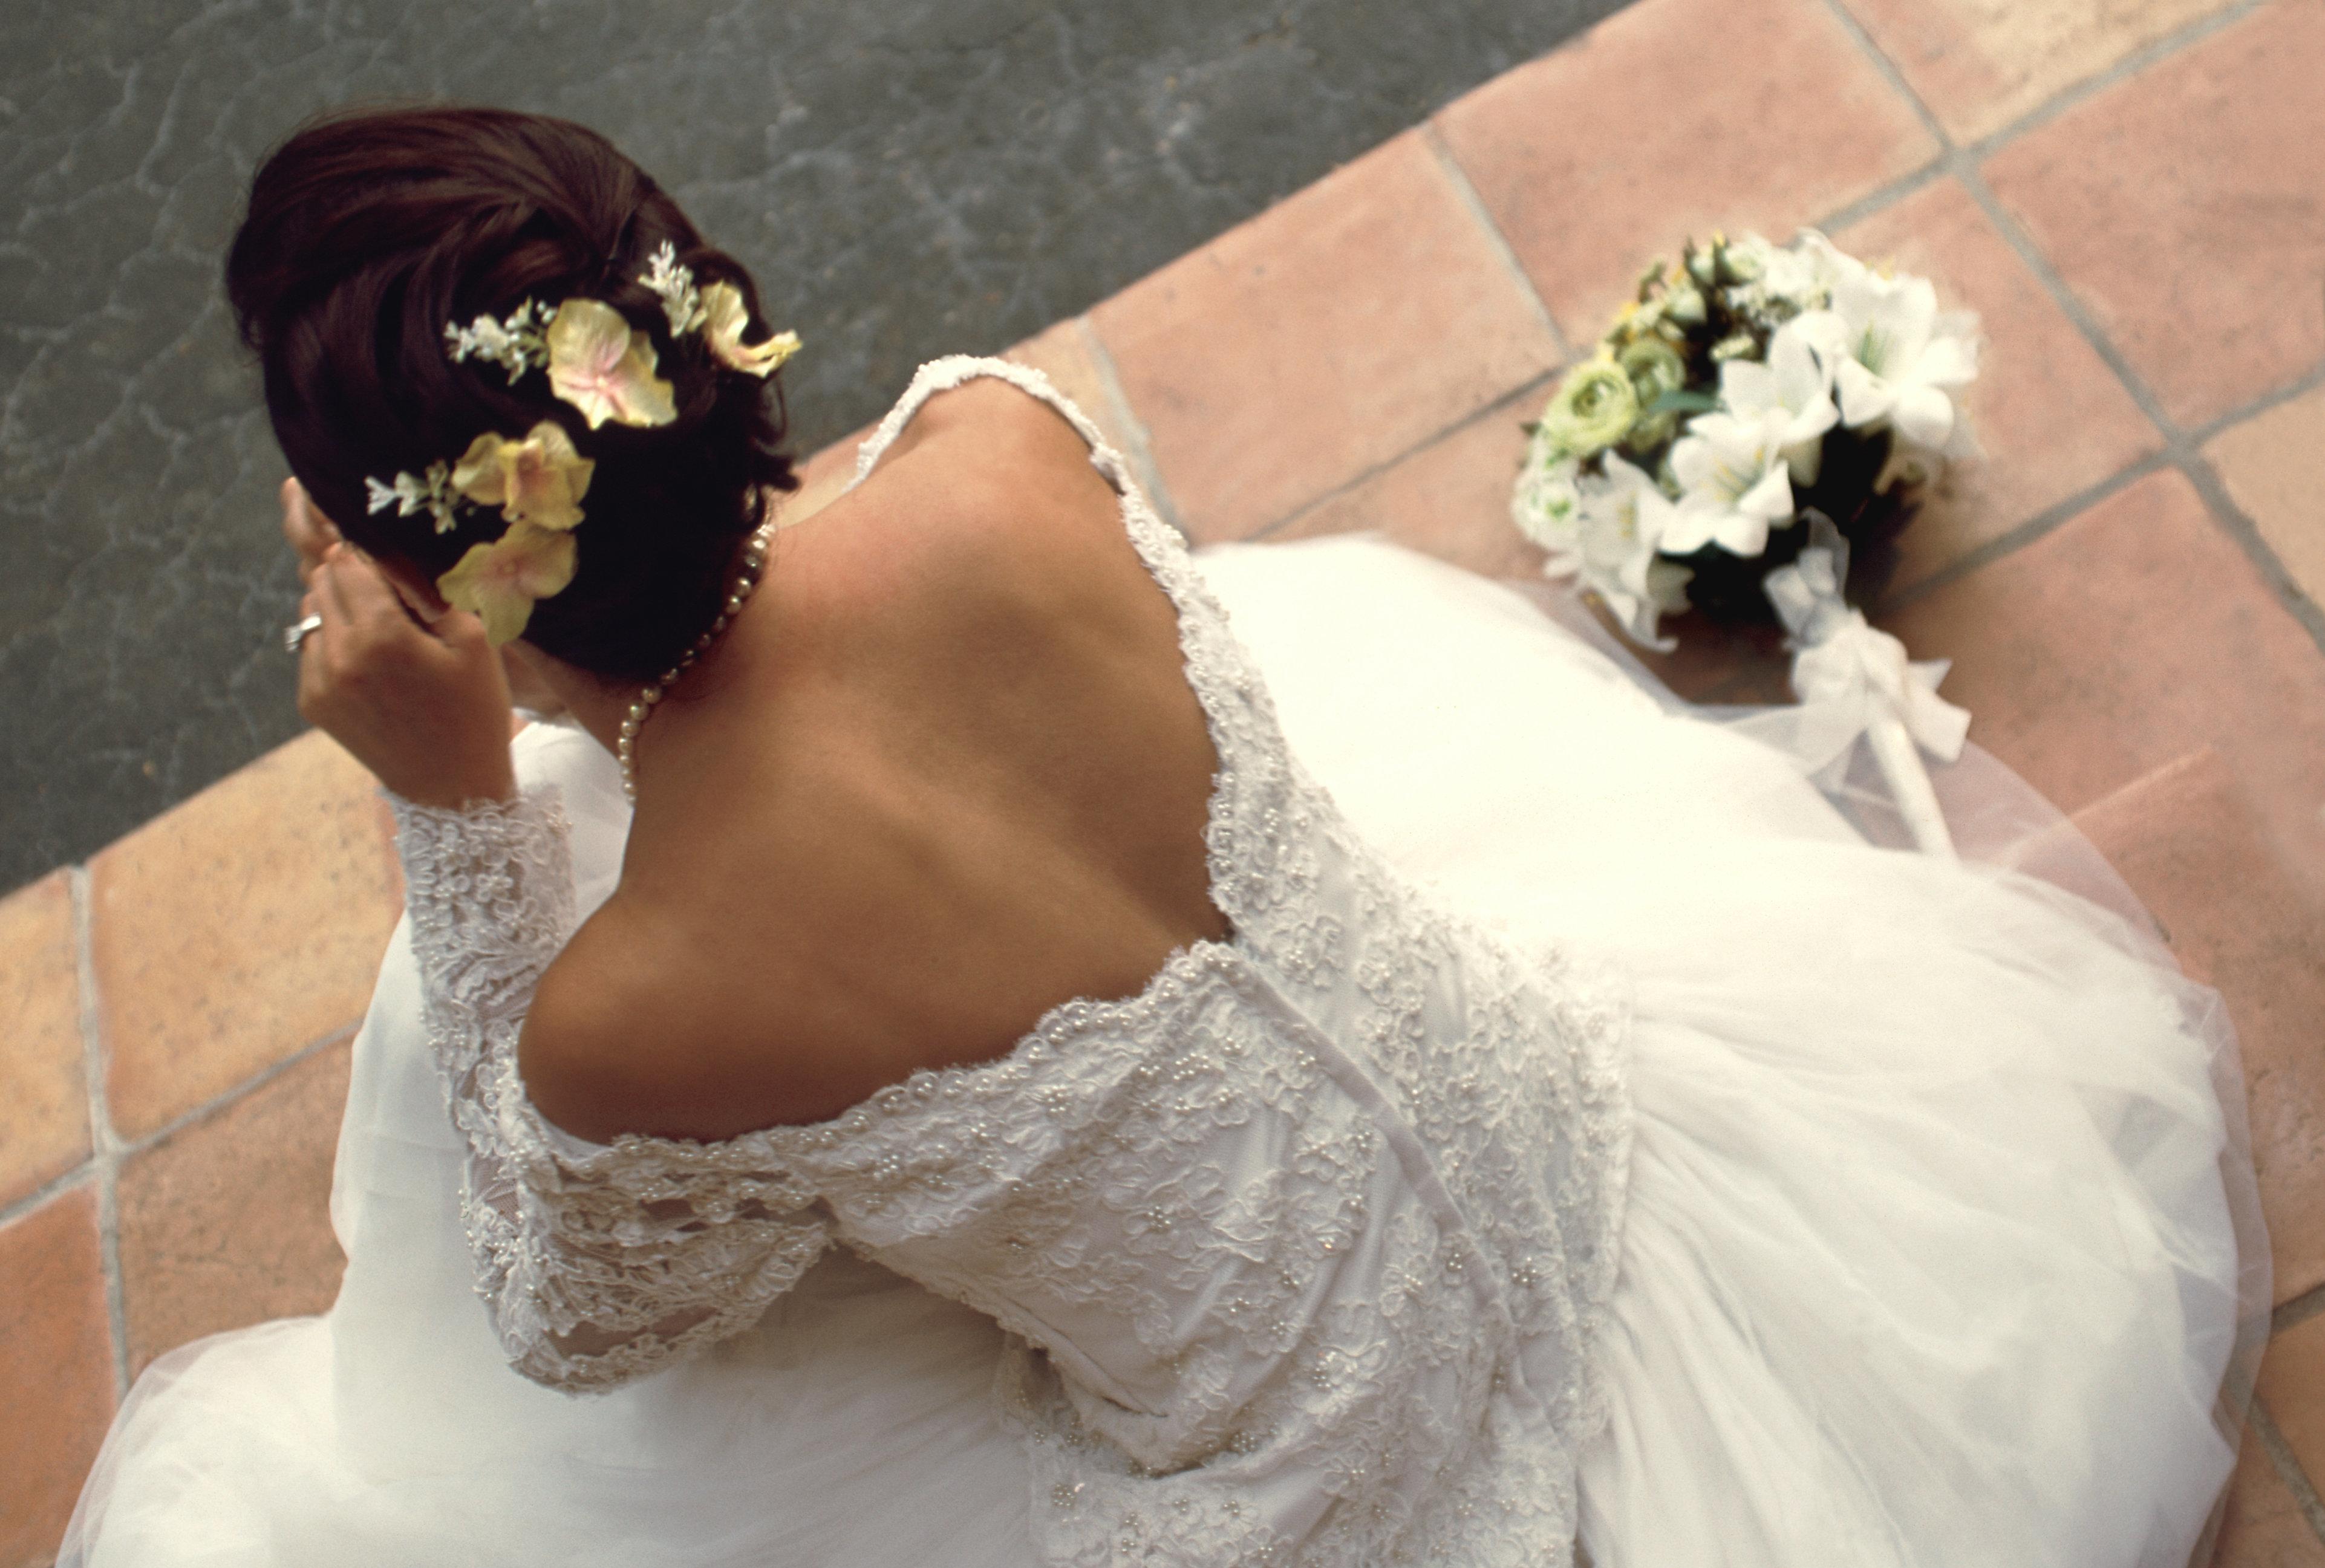 Hochzeit: Braut verbannt Paar mit Kinder von Feier und bekommt Lob